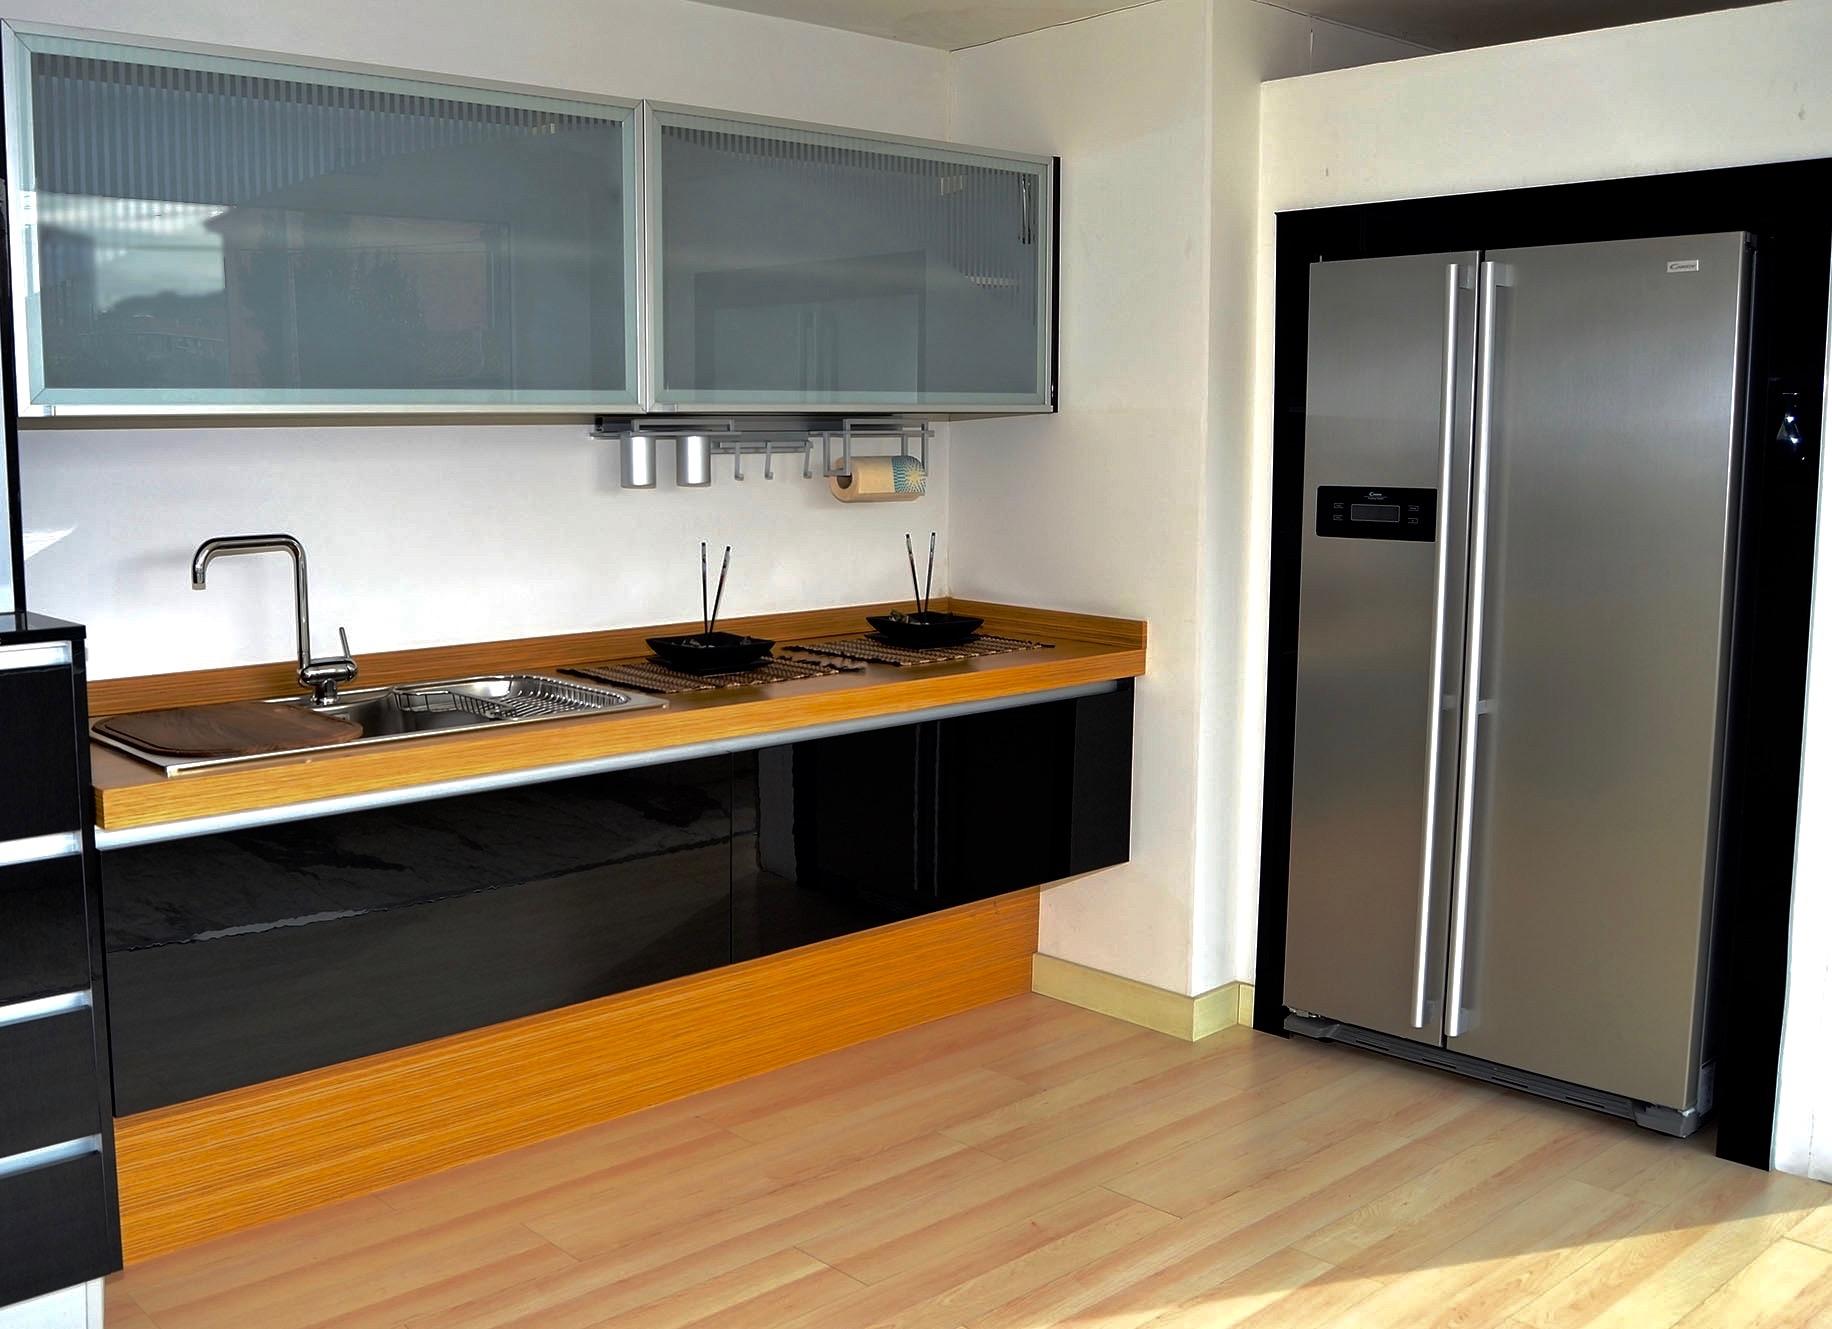 Cocinas Gama Elegance archivos - Tienda de muebles de cocina y baño en Santander